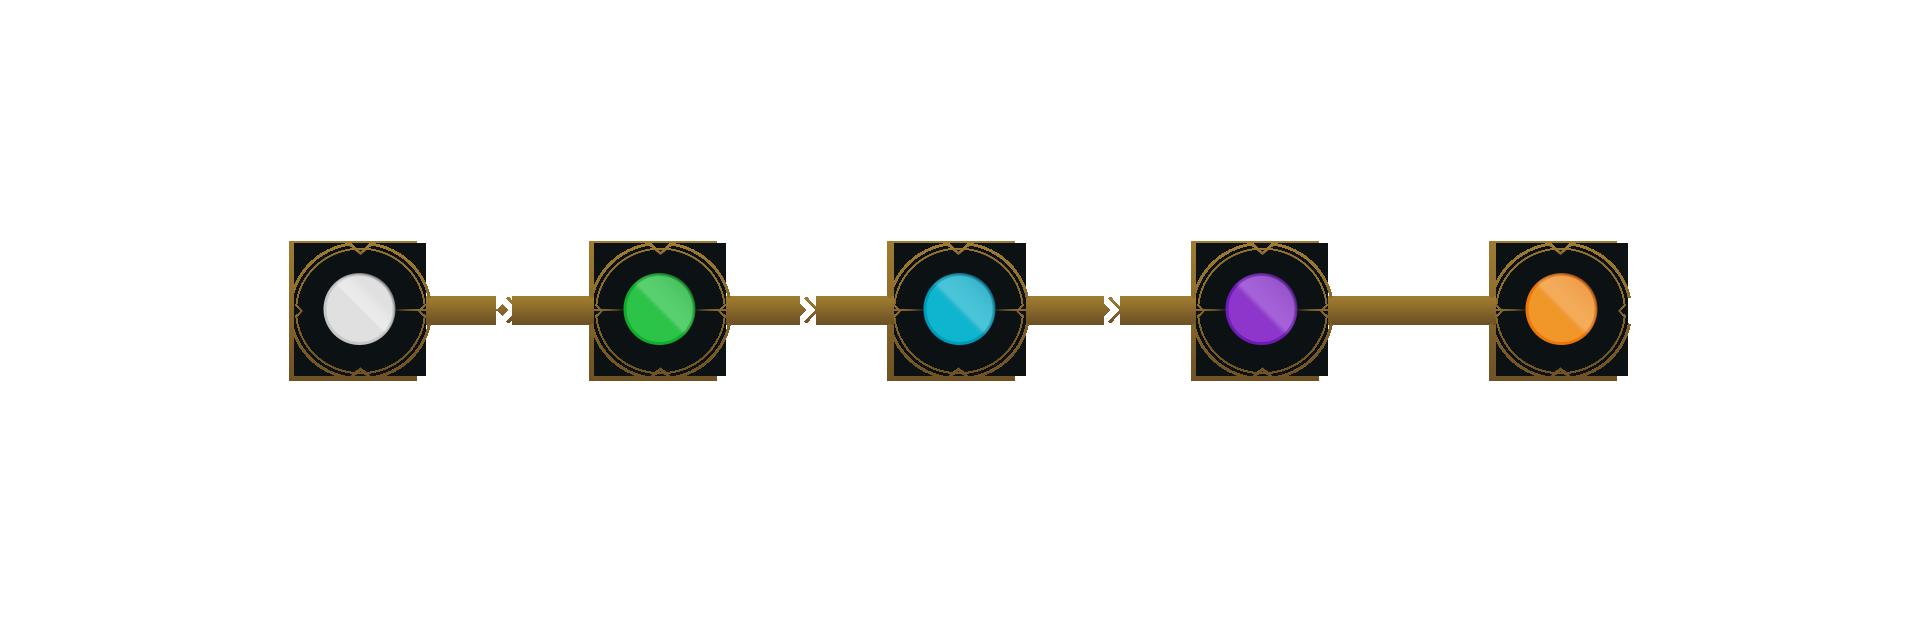 Универсальная цветовая схема для отображения рангов (по возрастанию слева направо).